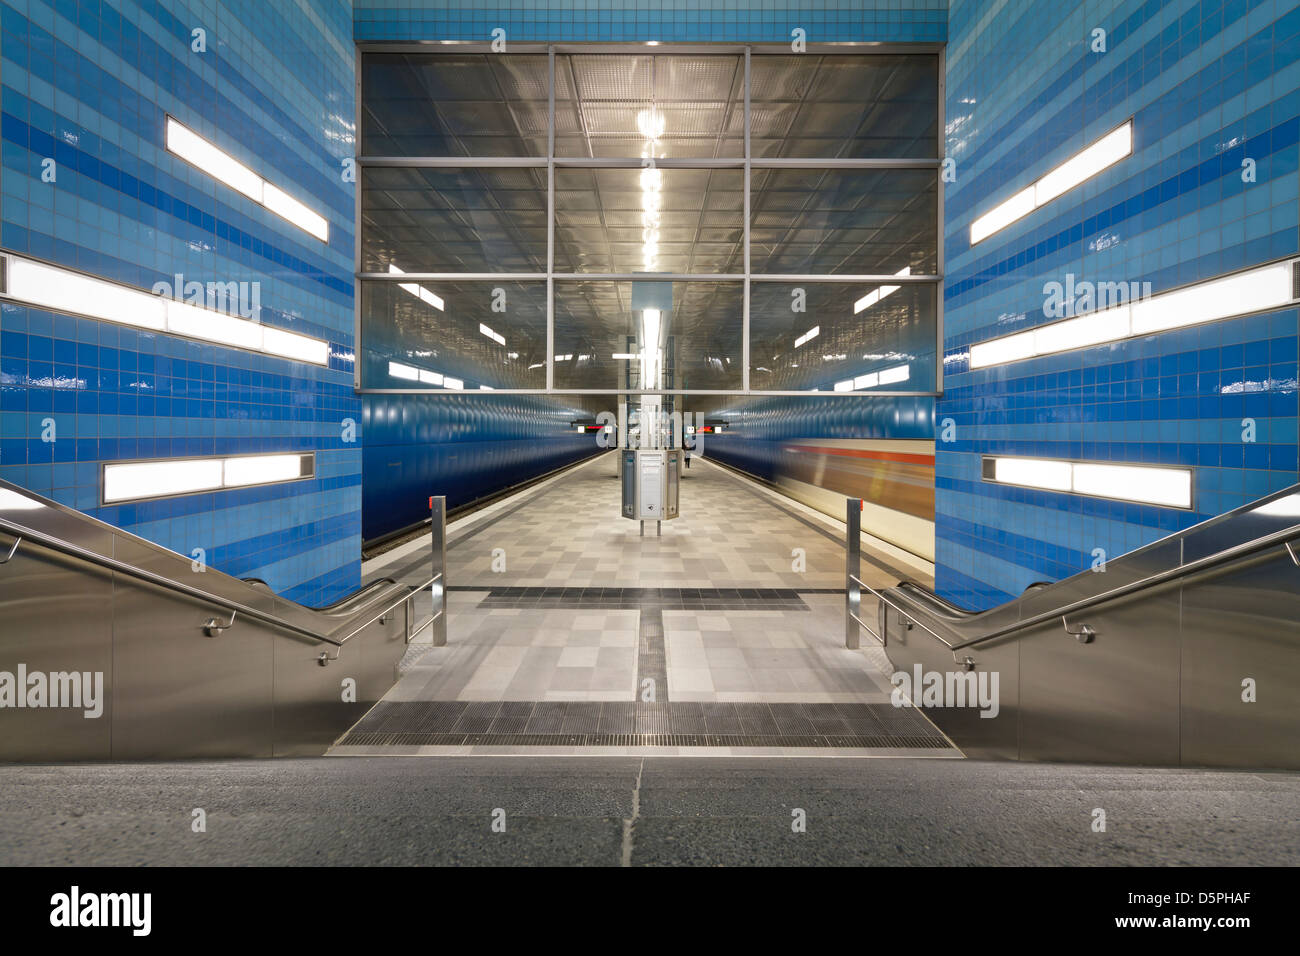 Überseequartier U-Bahn Station in Hamburg Stock Photo